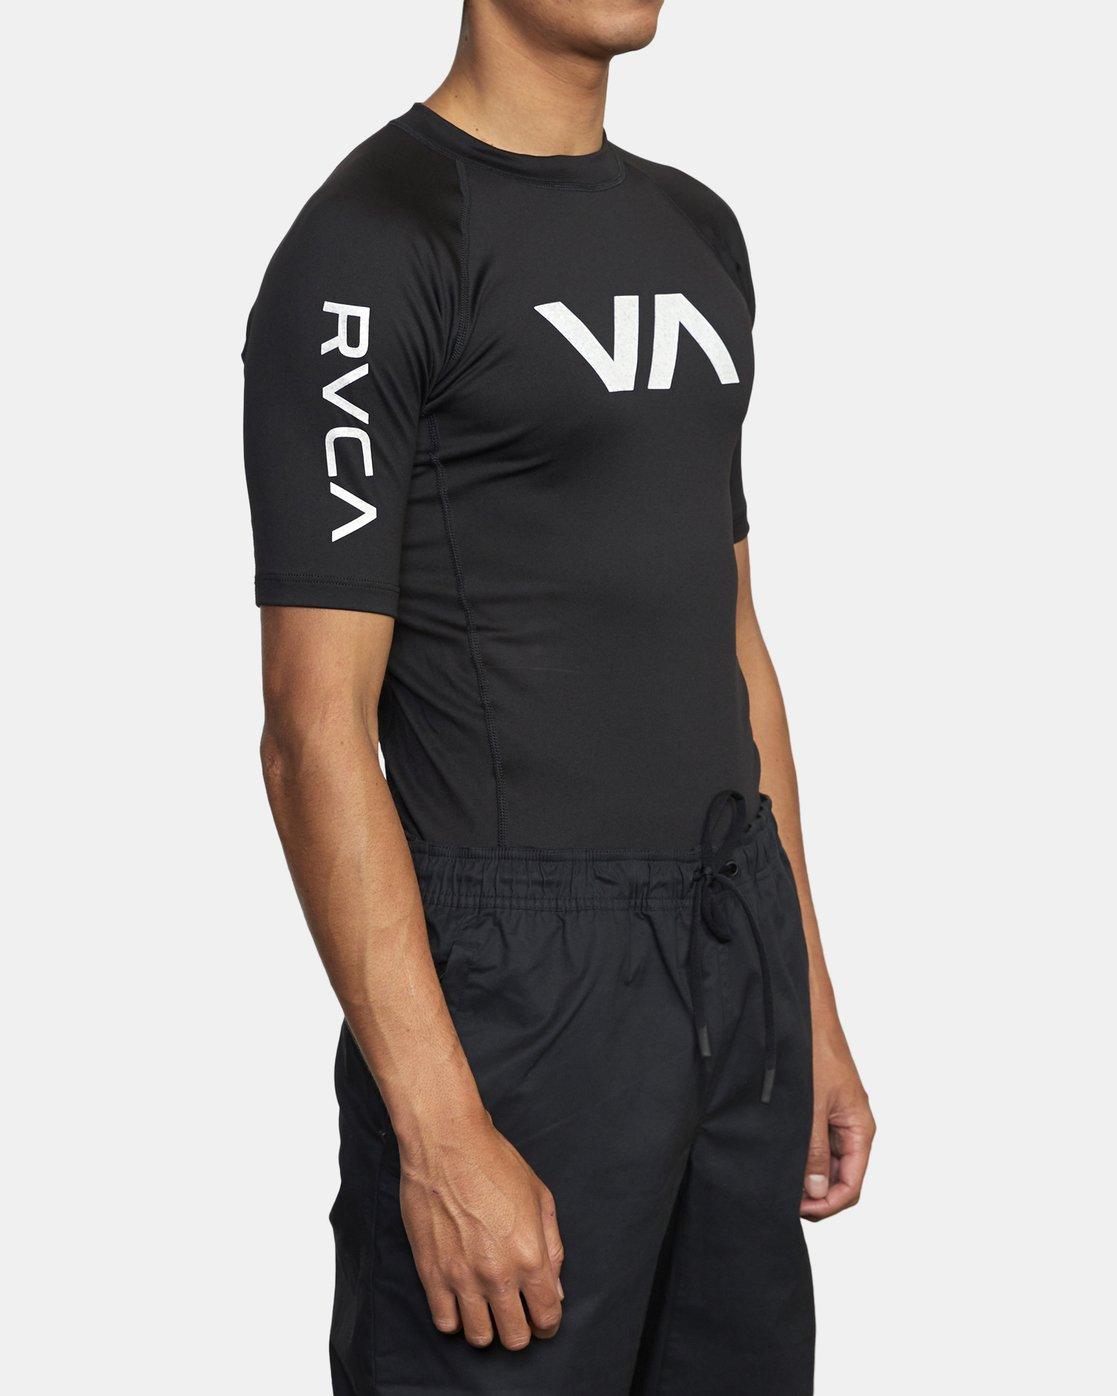 1 SPORT SS RASHGUARD Black VR011RSS RVCA